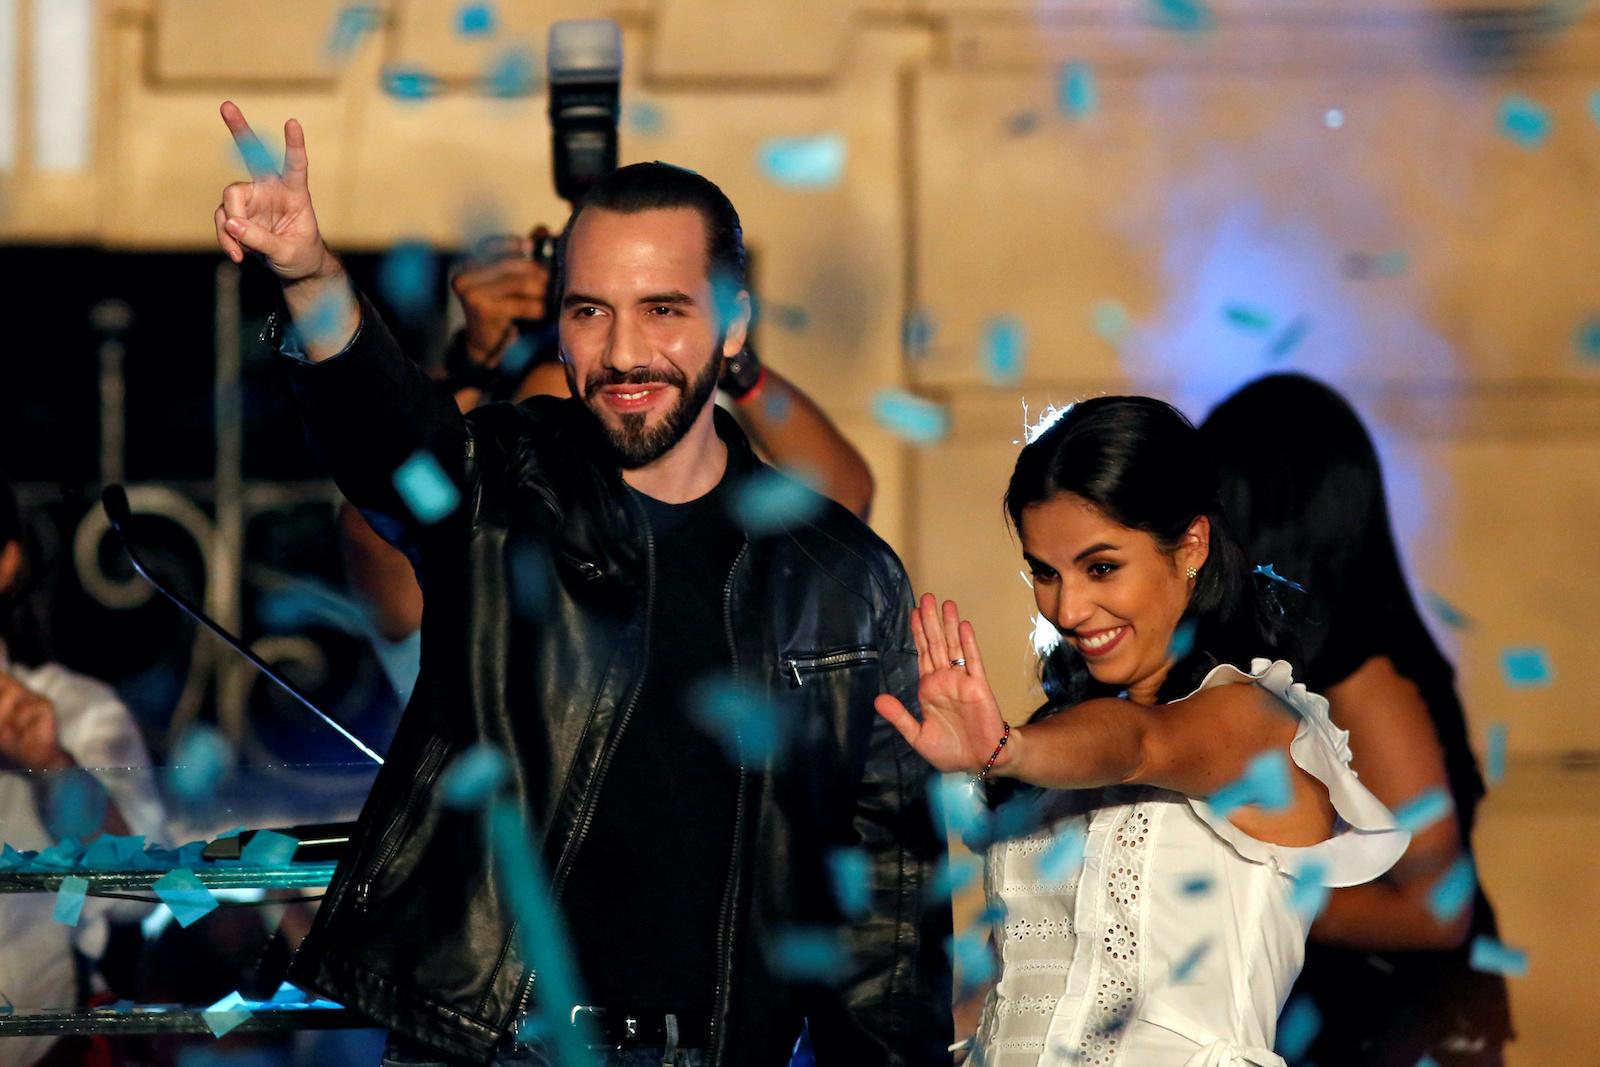 2019 年 2 月 3 日,在薩爾瓦多聖薩爾瓦多舉行的第一次正式總統選舉結果公佈後,偉大民族聯盟 (GANA) 的總統候選人 Nayib Bukele 和他的妻子 Gabriela de Bukele 與支持者一起慶祝。REUTERS/Jose Cabezas TPX當天的圖像 - RC18F771A610